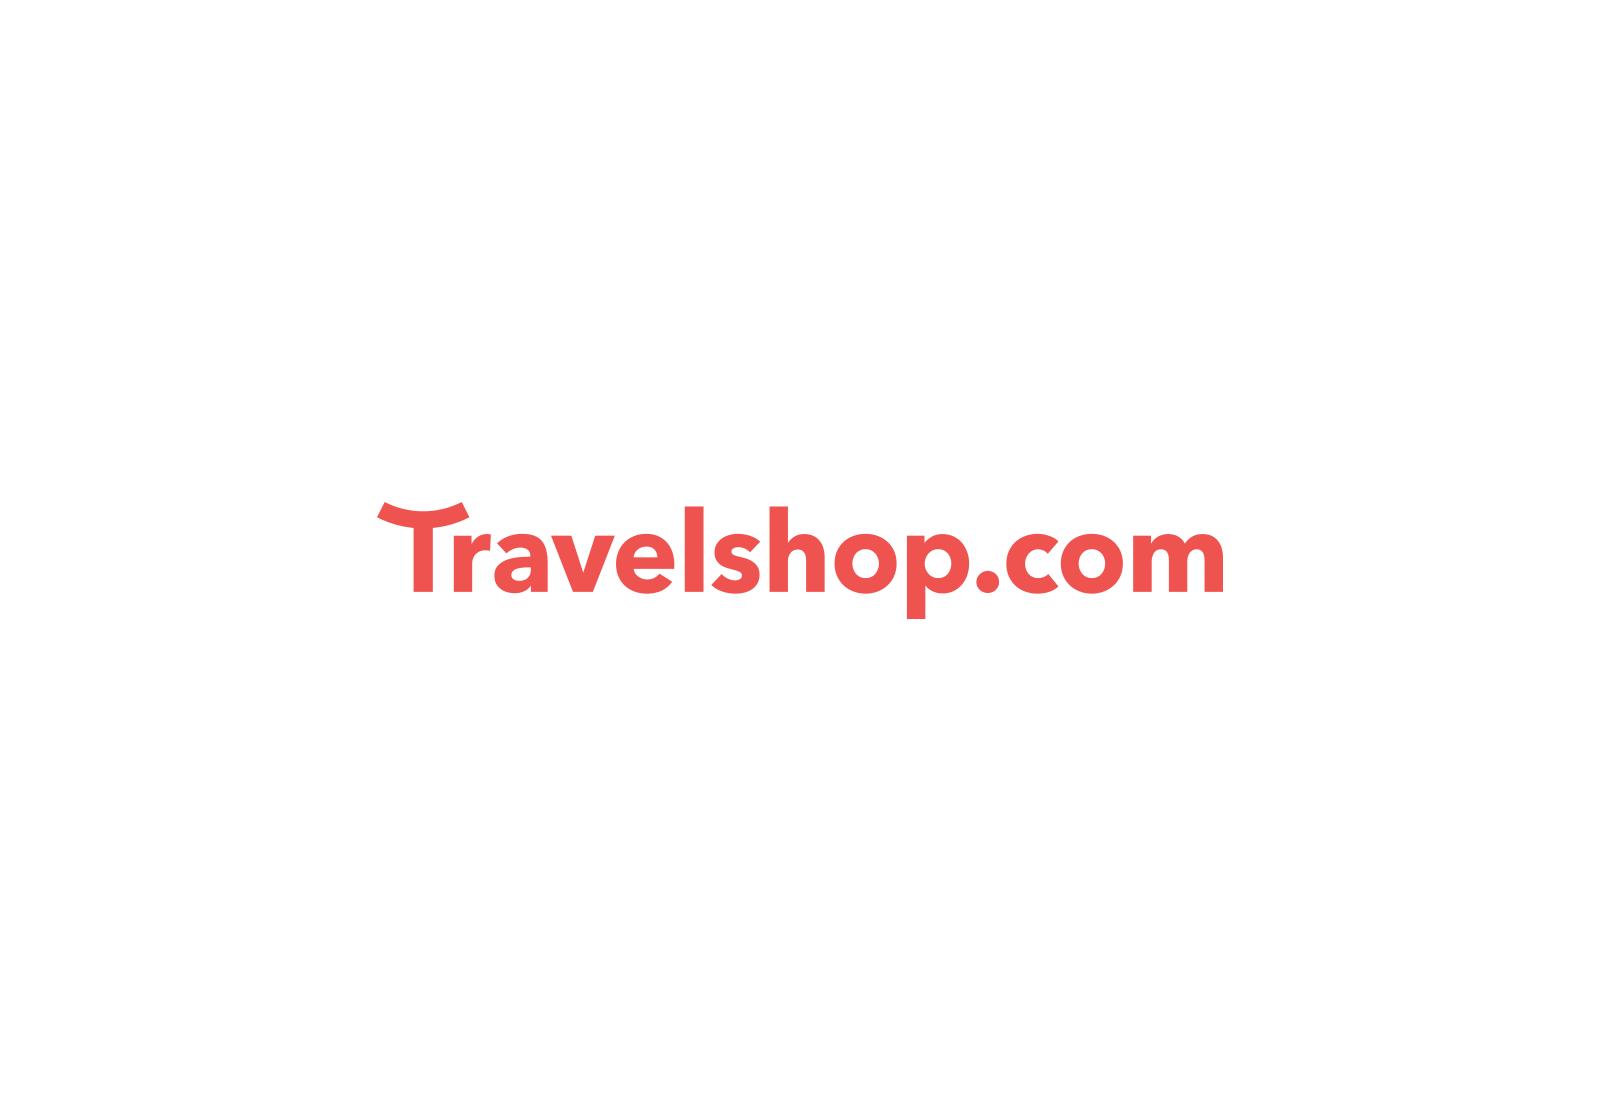 TravelshopFull